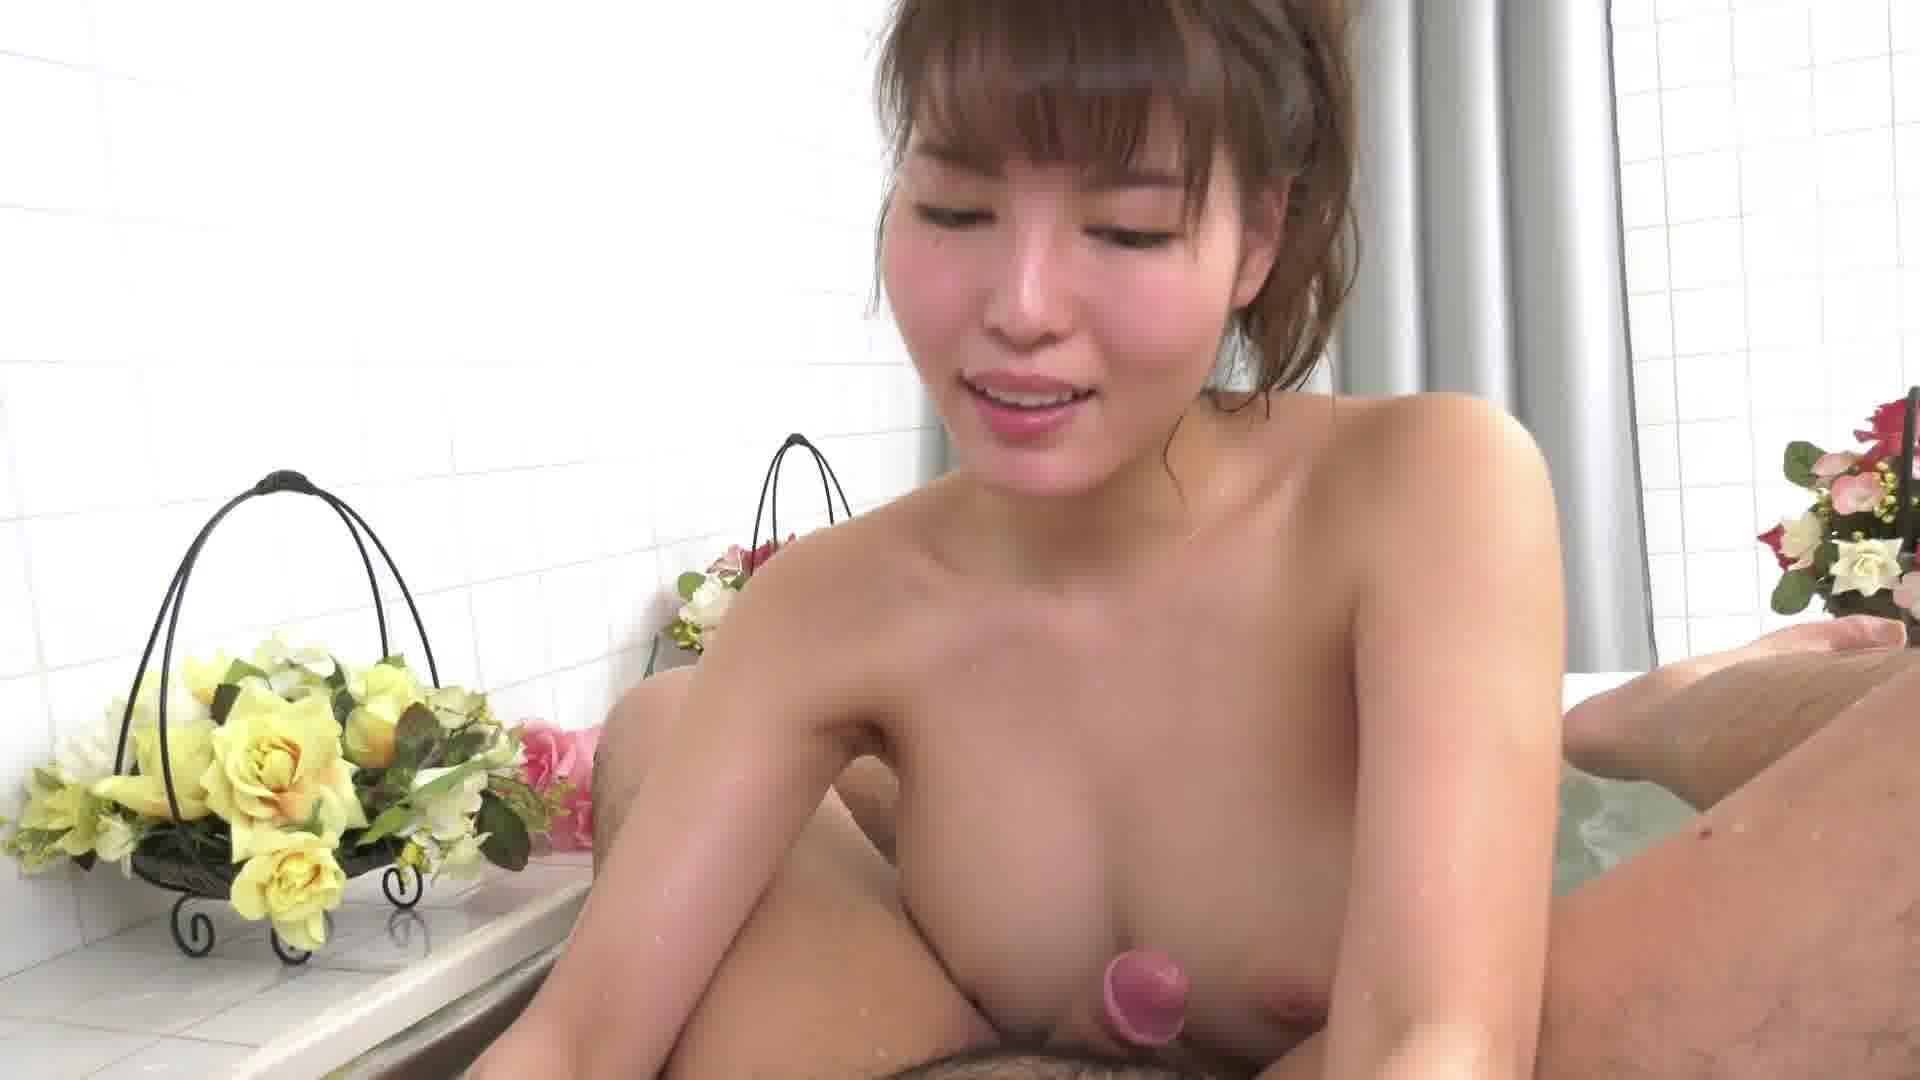 極上泡姫物語 Vol.83 - 夏木ゆきえ【パイパン・パイズリ・中出し】